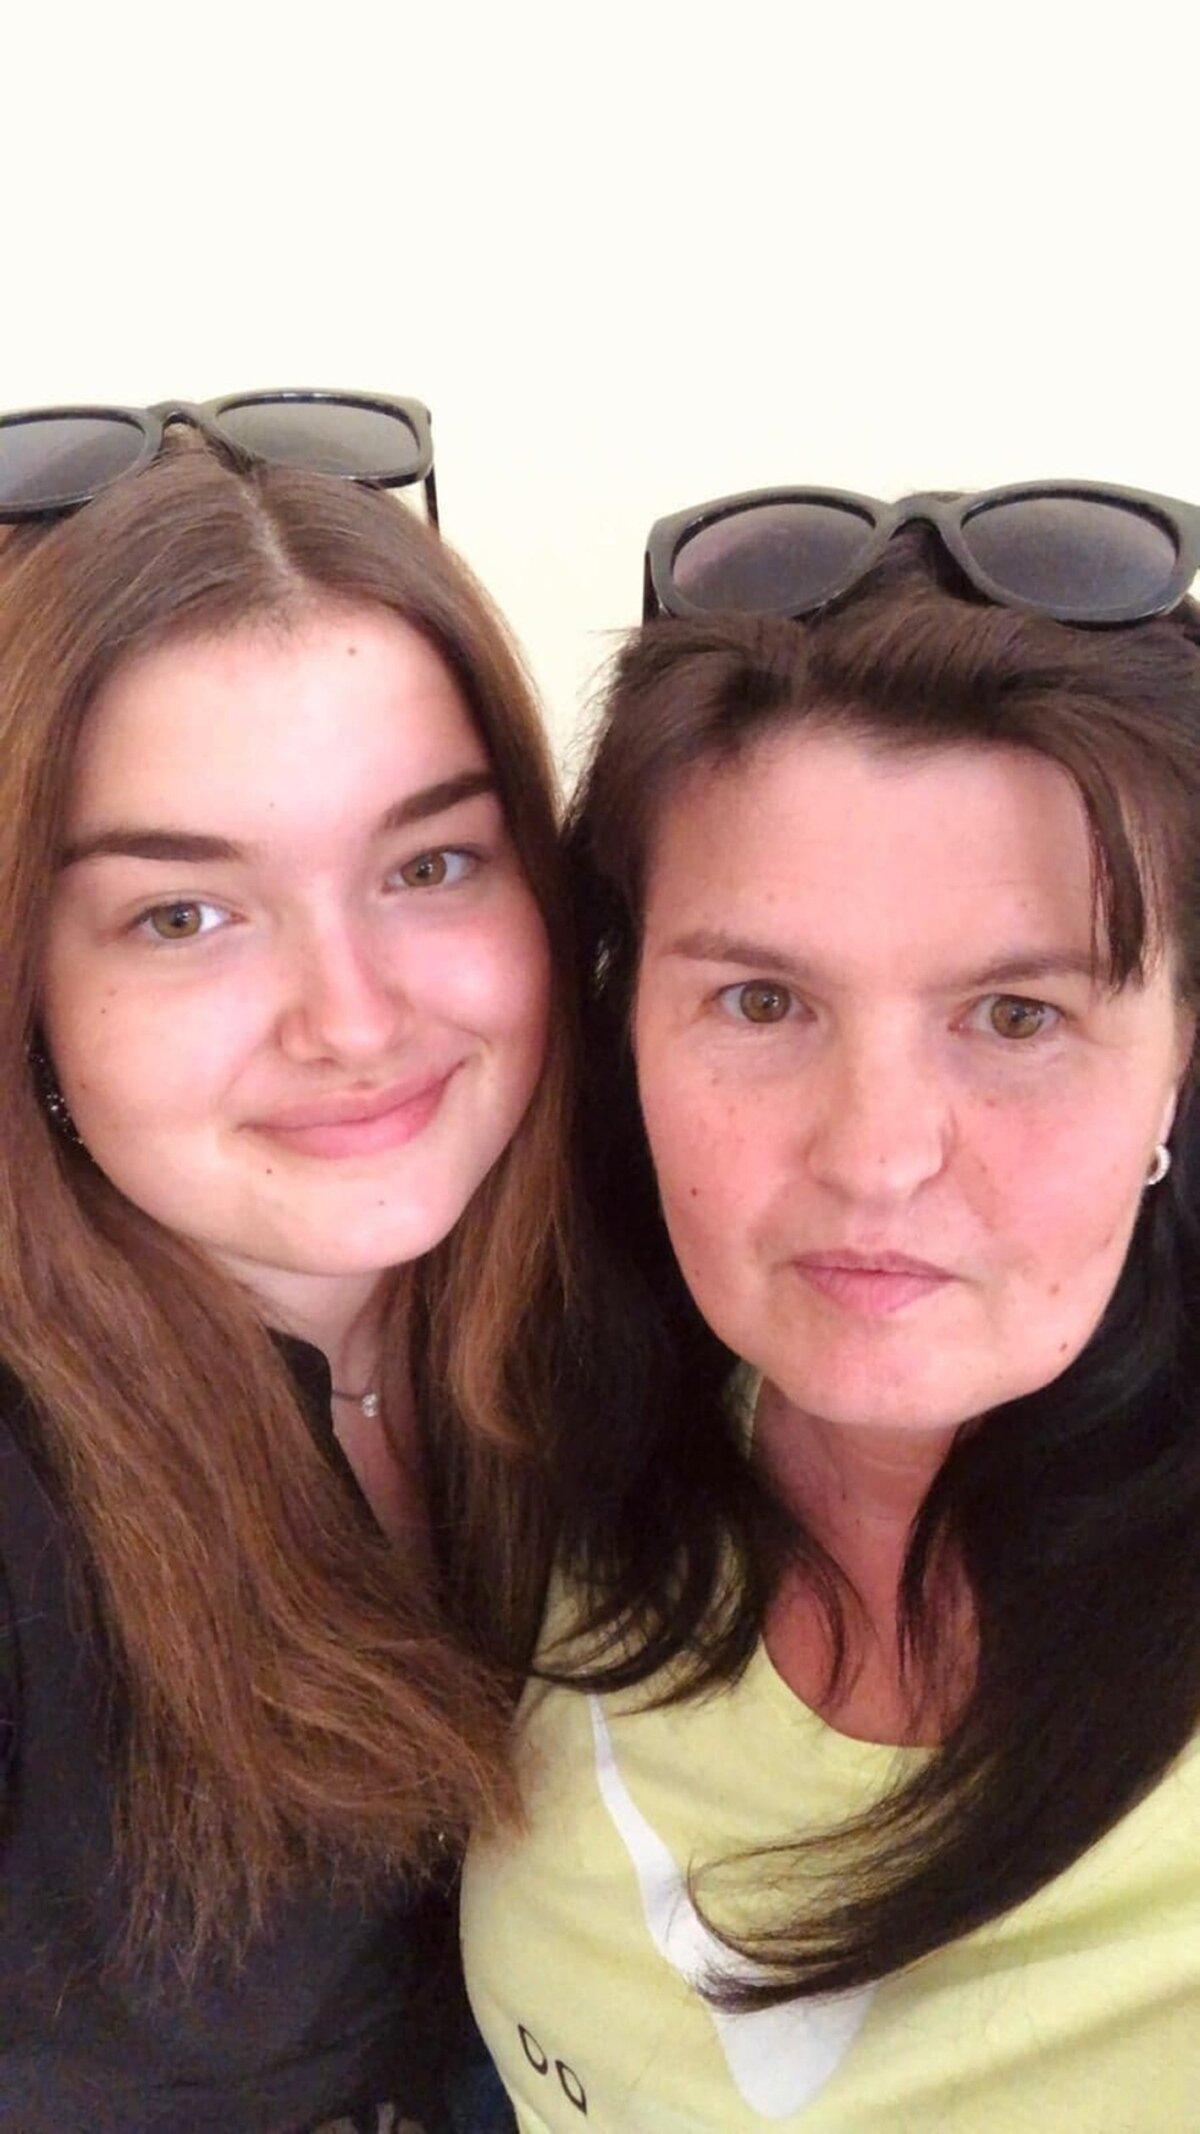 ОСМОТР НА ЛЕСТНИЦЕ: Виктория Петерман (справа) даже не смогла описать свои симптомы для скорой помощи. На фото Виктория с дочерью.